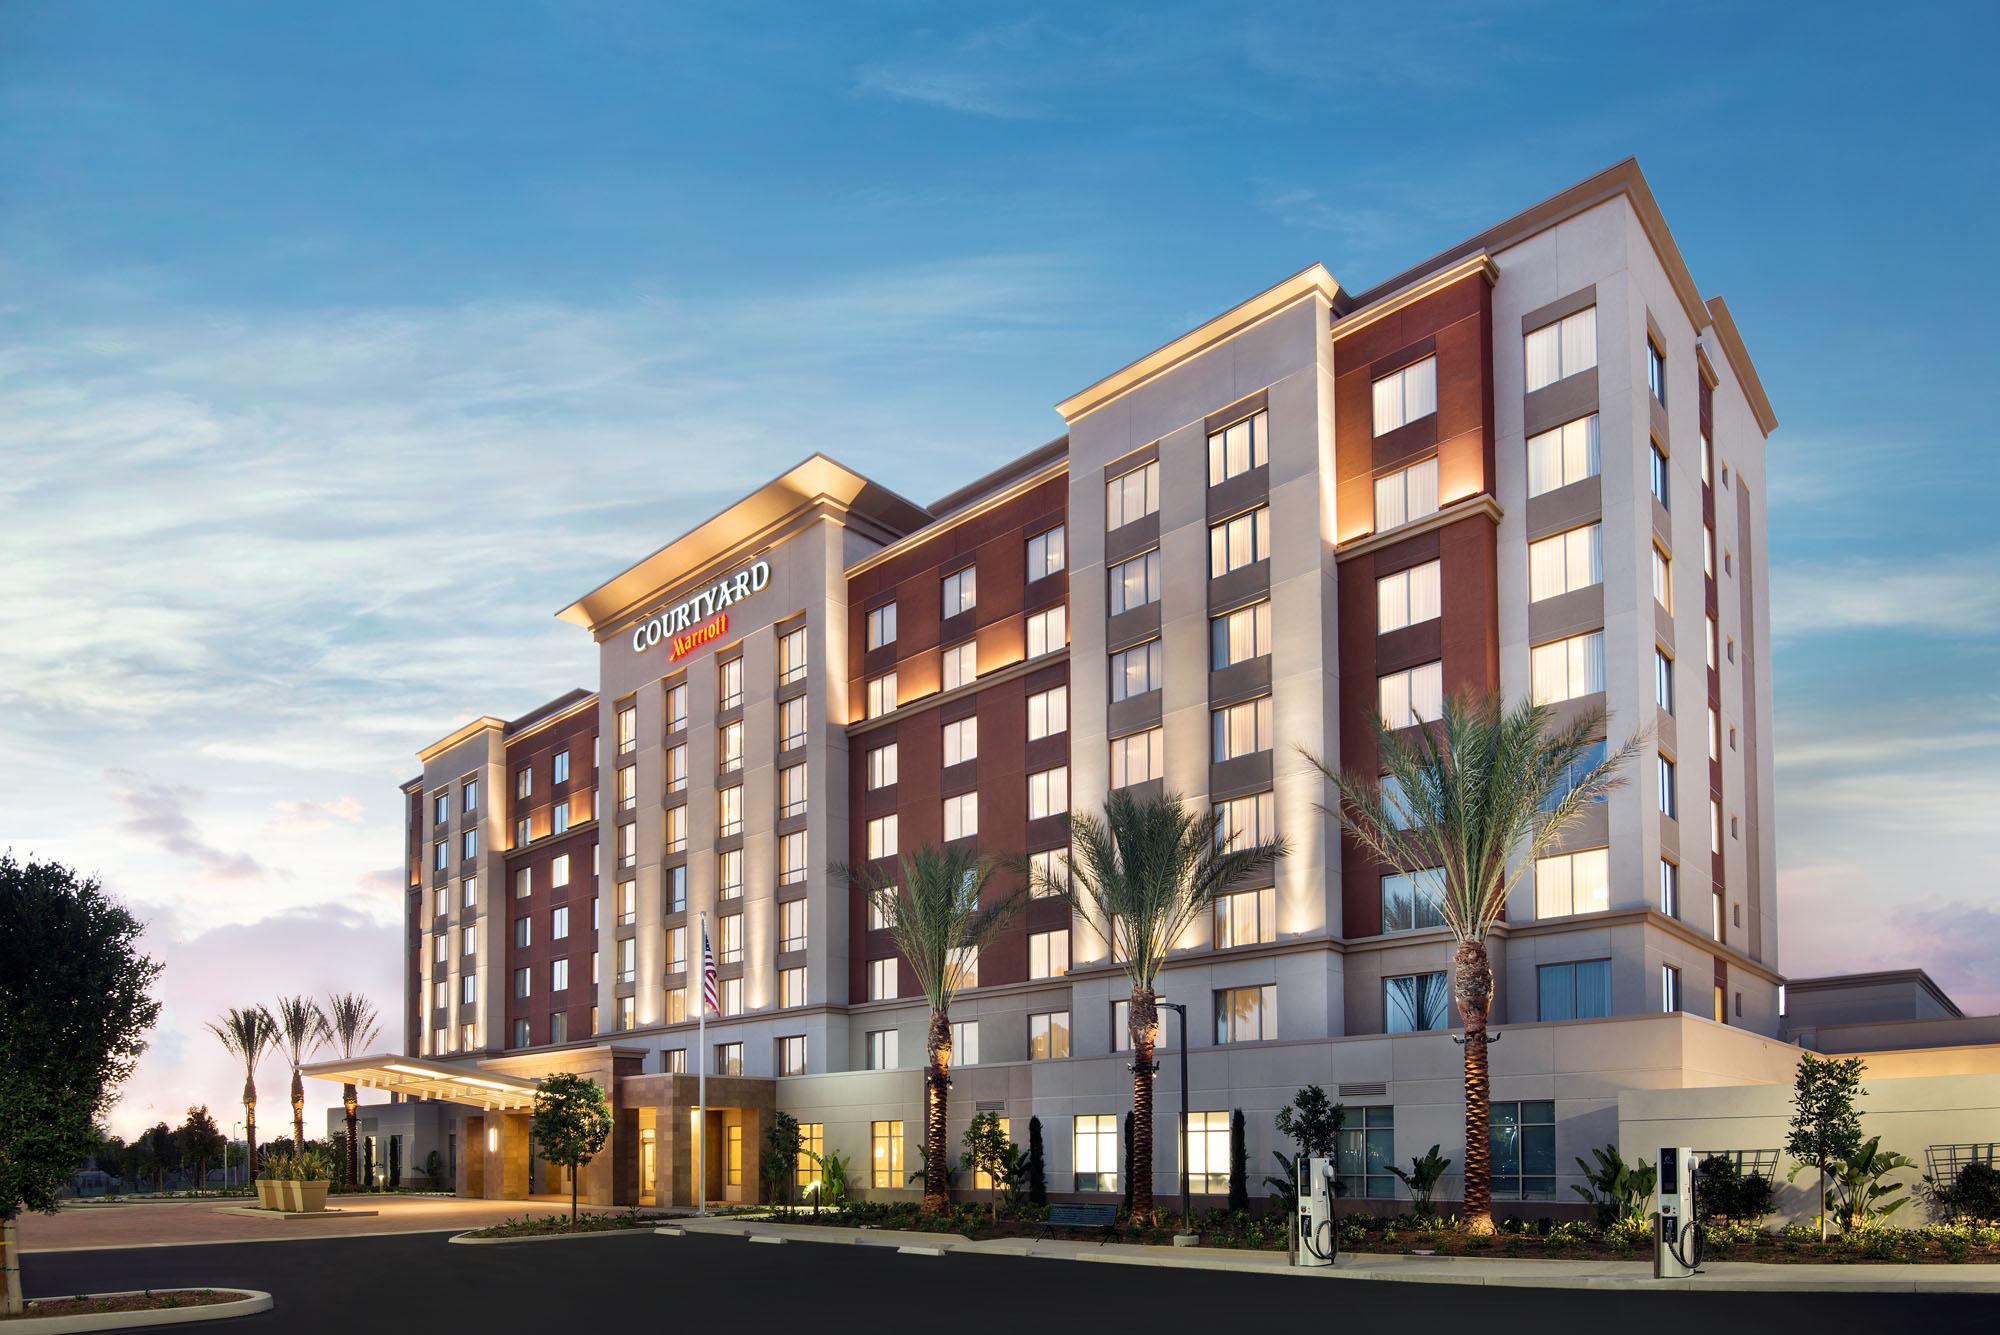 Courtyard Marriott Hotels Com